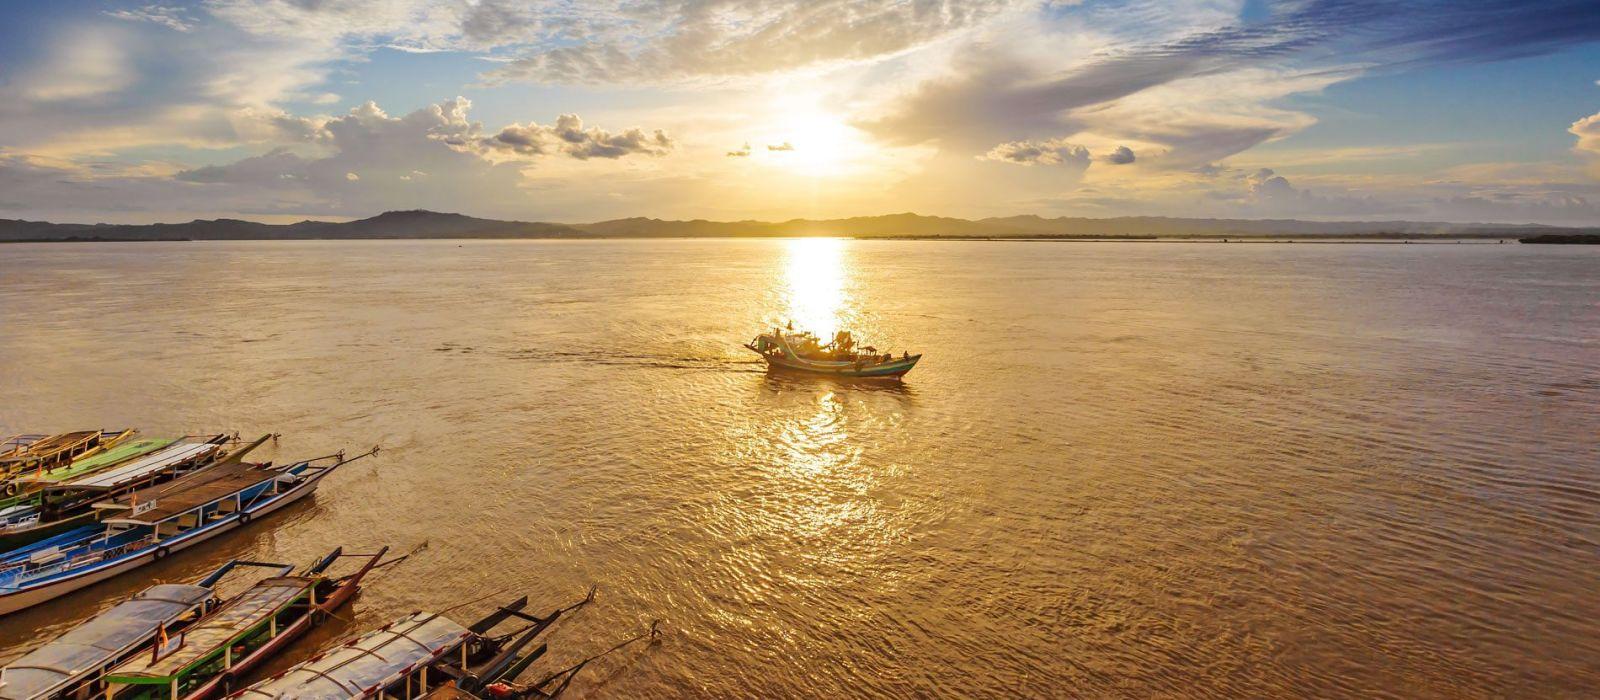 Luxurious Wonders of Myanmar Tour Trip 5